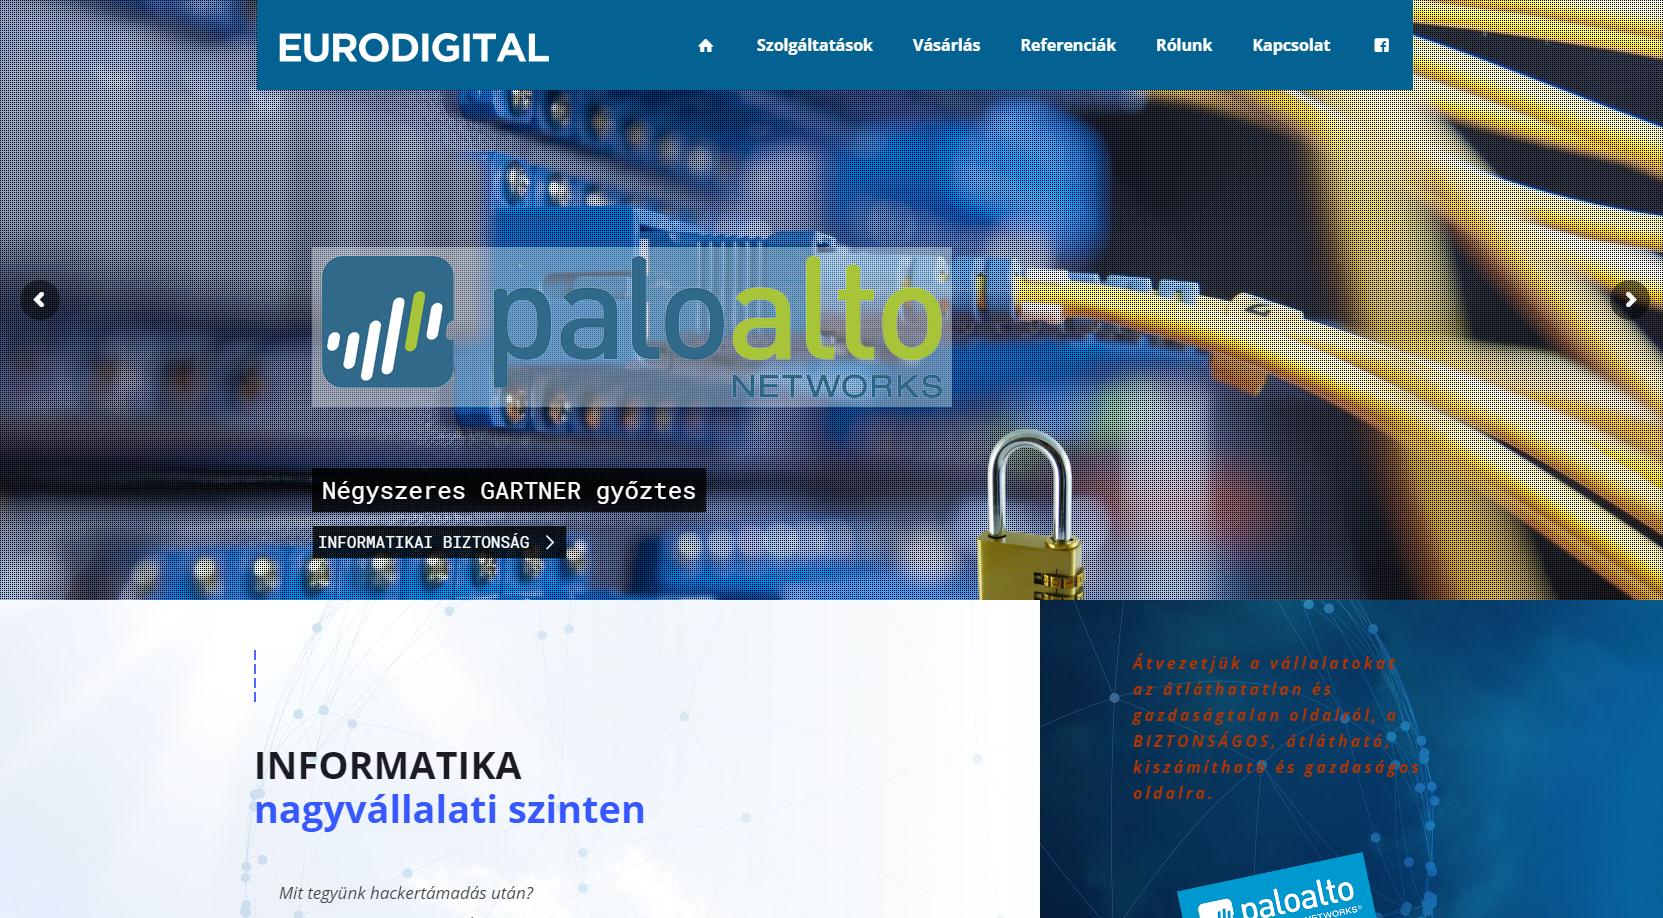 Eurodigital – INFORMATIKA – BIZTONSÁG – Nagyvállalati szinten. Palo Alto tűzfalak infrastruktúra megoldások vállalatok részére. (2)